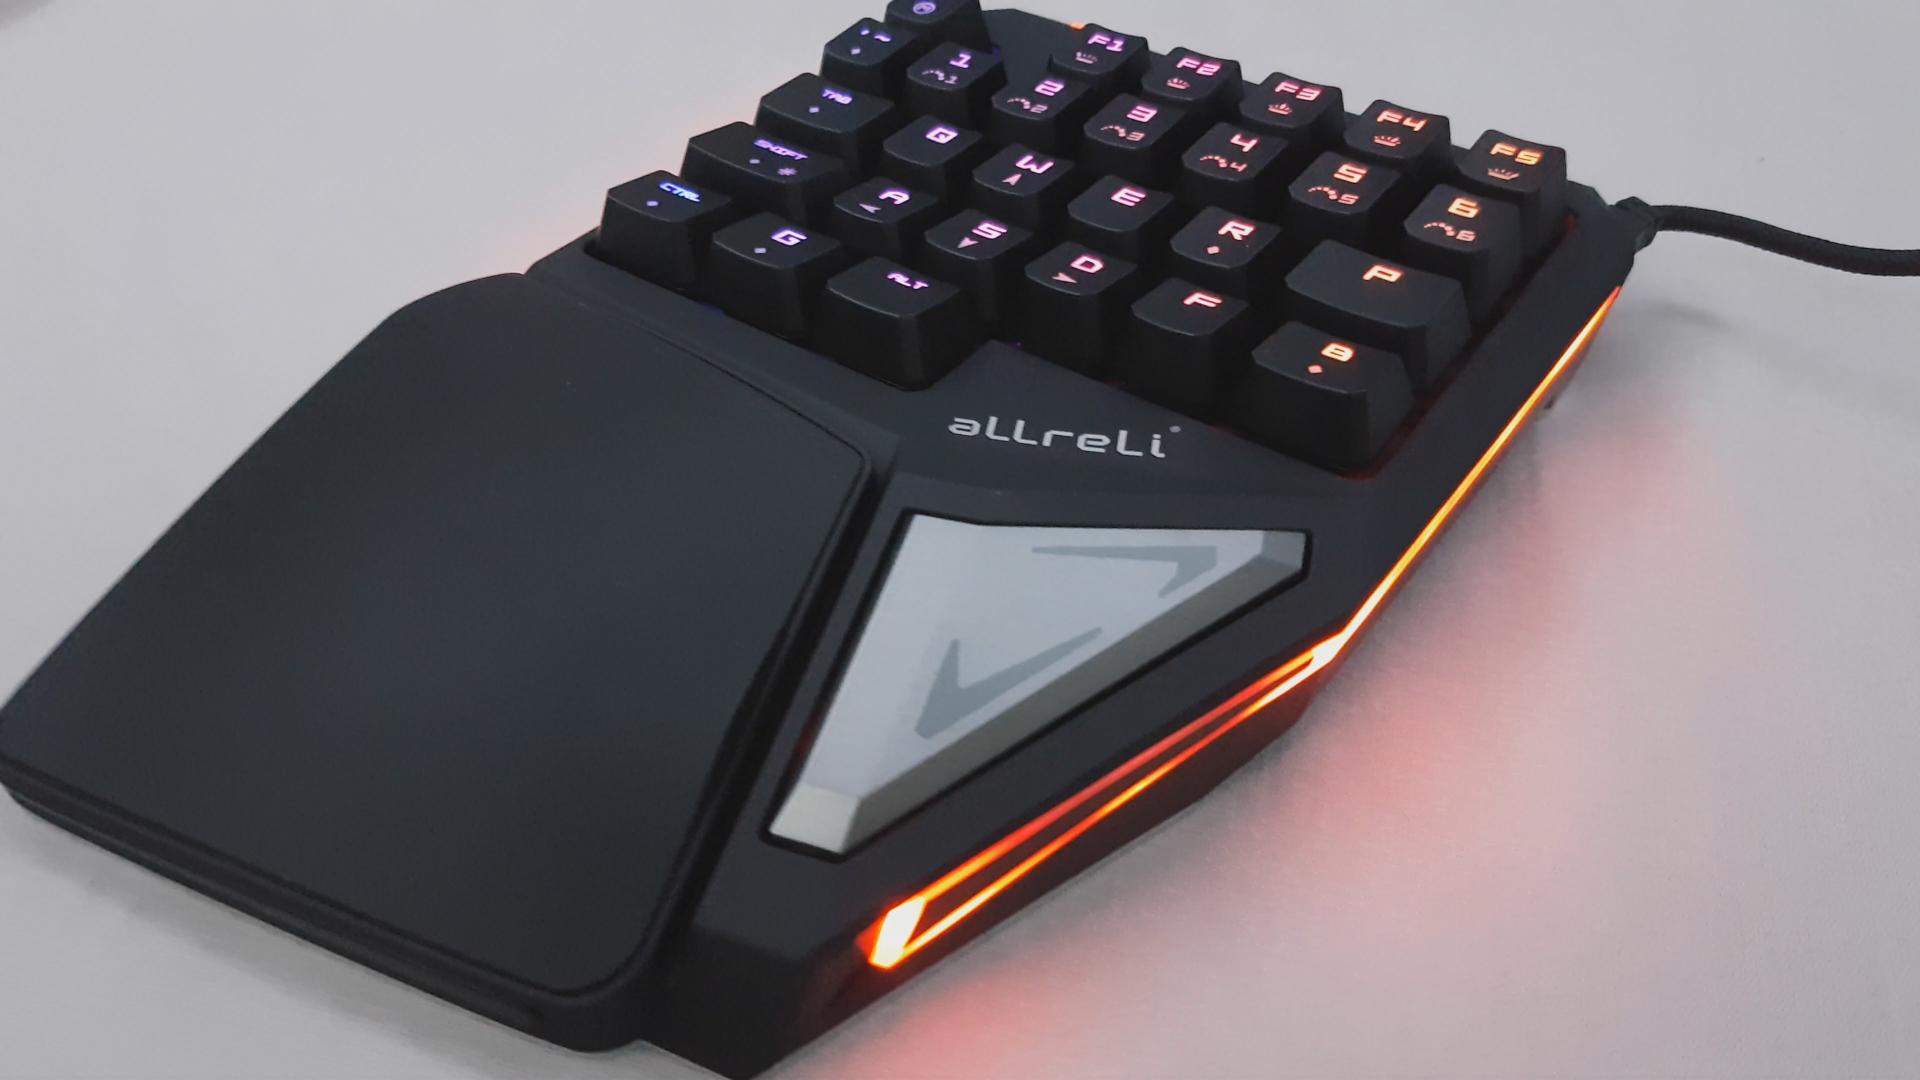 un clavier gamer personnalisable utilisable une main allreli t9 plus. Black Bedroom Furniture Sets. Home Design Ideas